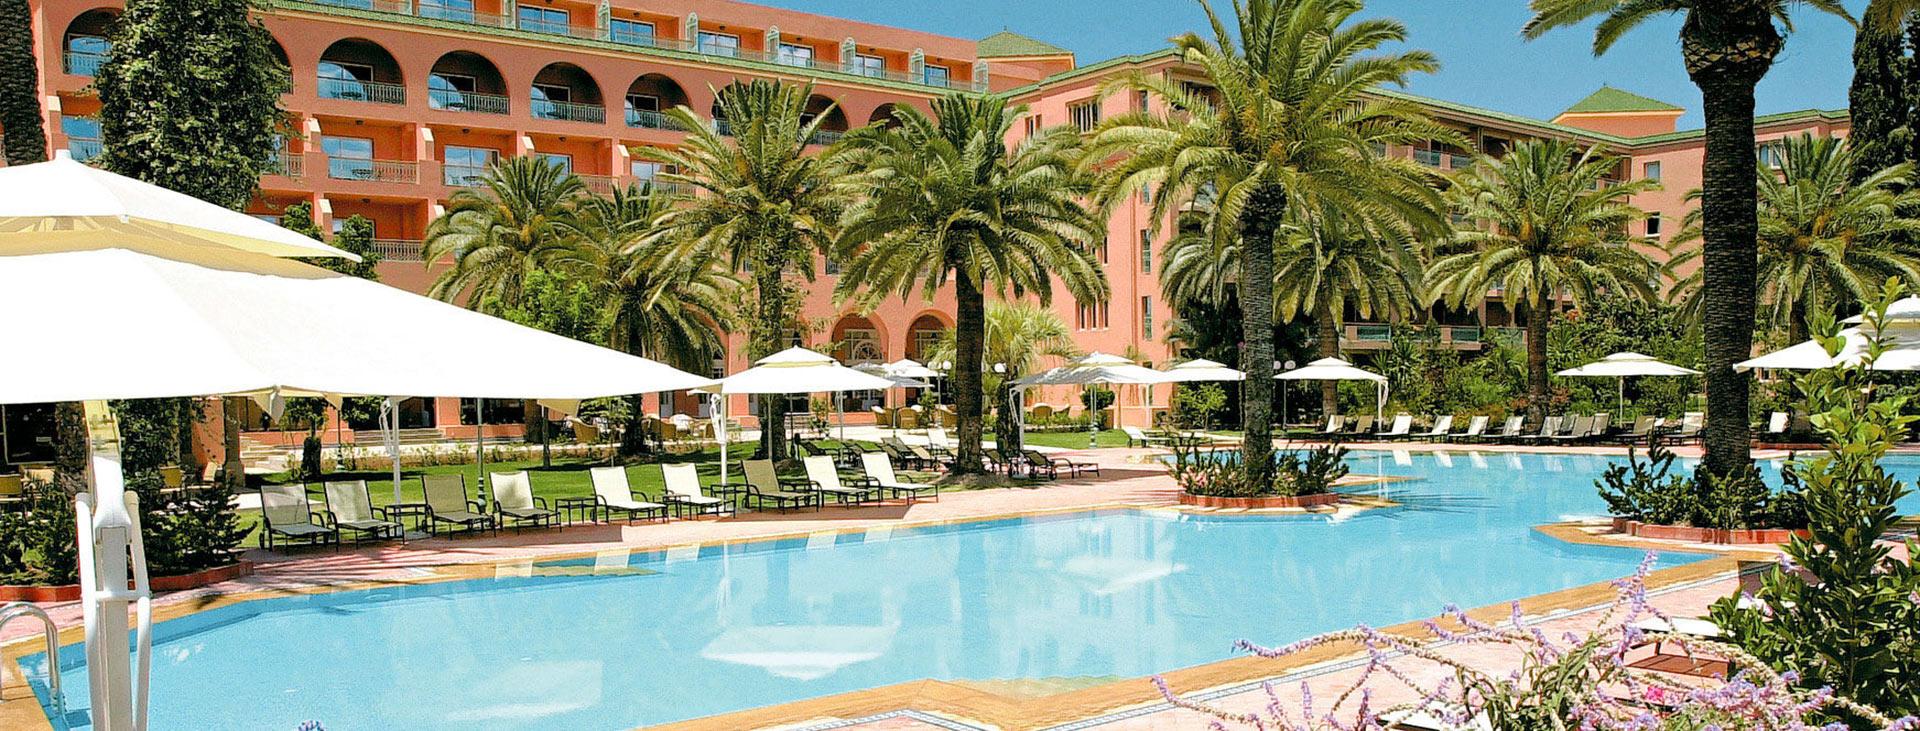 Sofitel Marrakech Lounge & Spa, Marrakech, Marocko